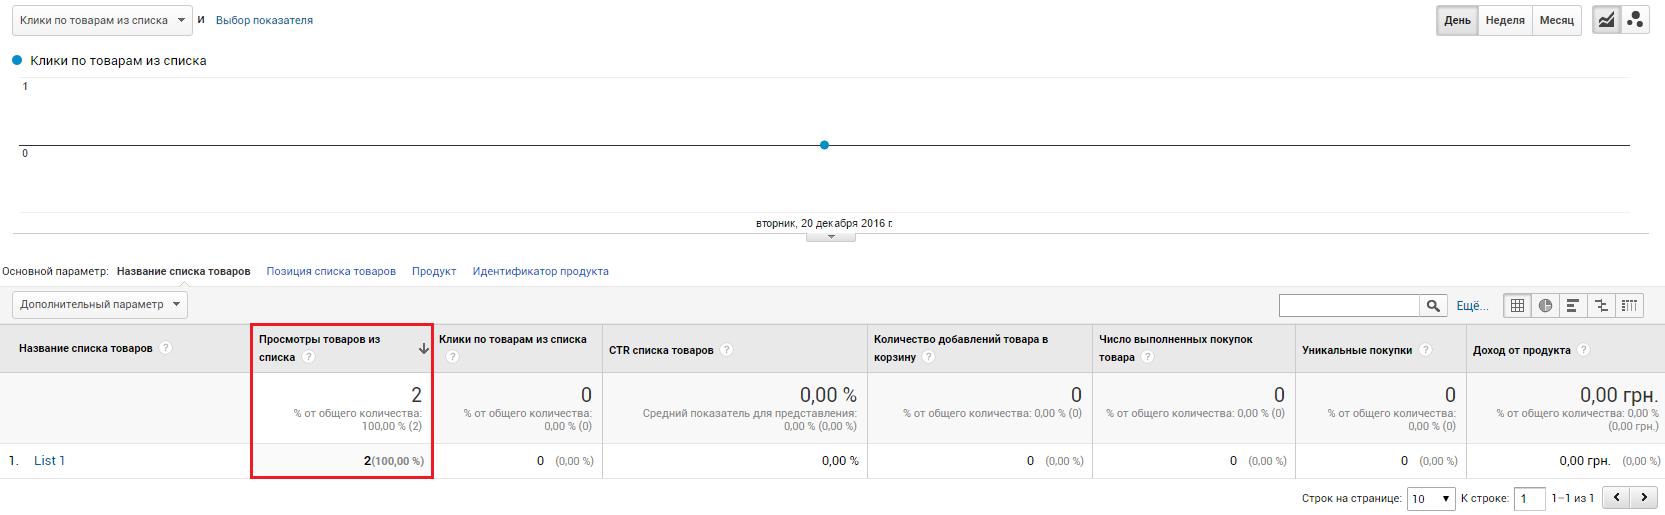 Электронная торговля Google Analytics — данные по просмотрам товаров в каталоге в отчете